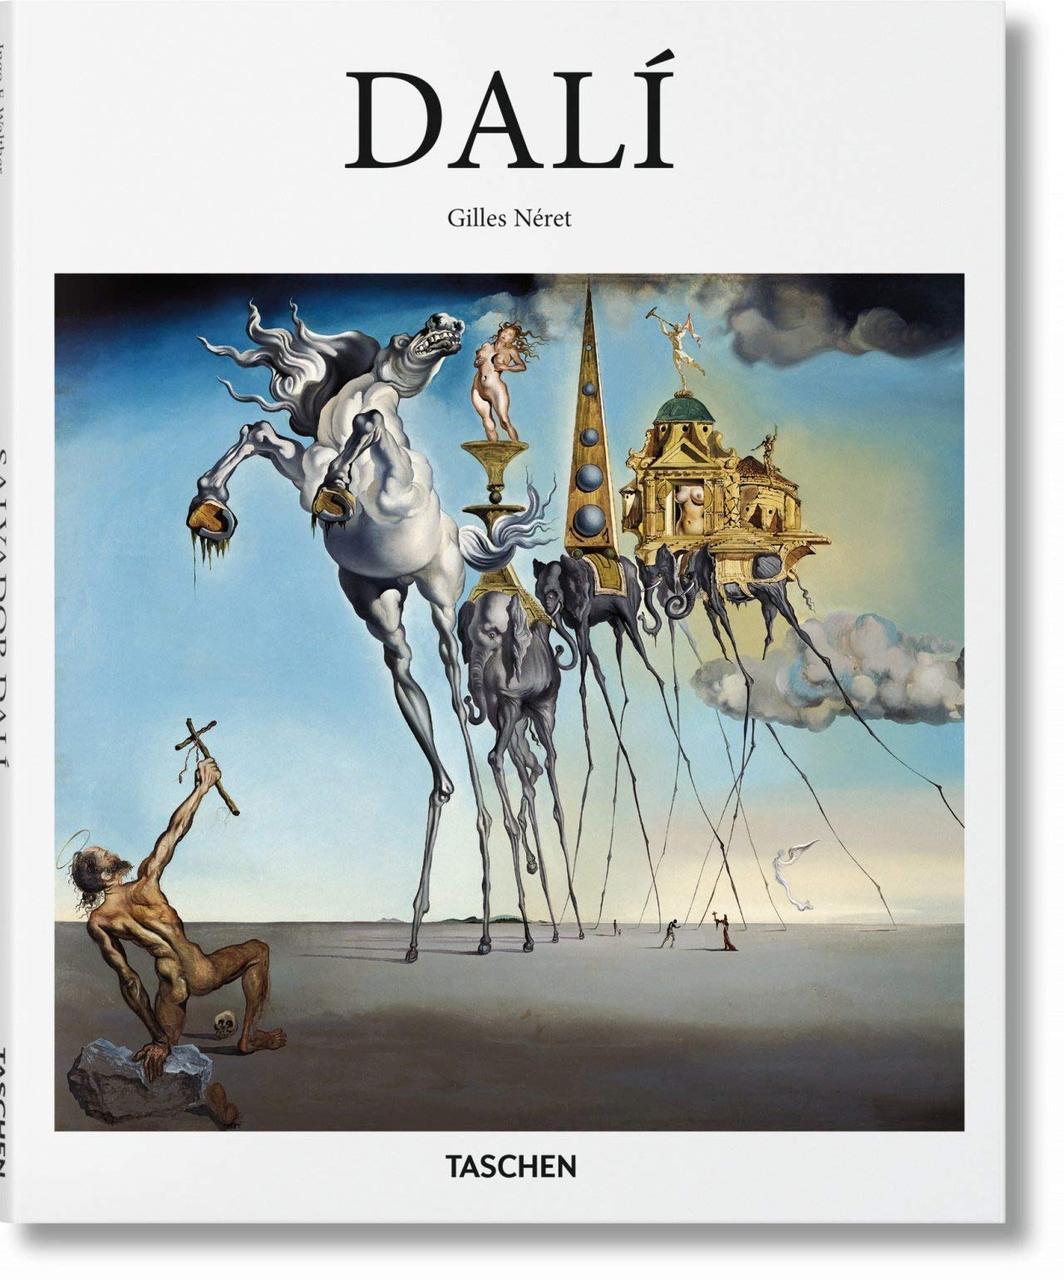 Dalí. Gilles Néret